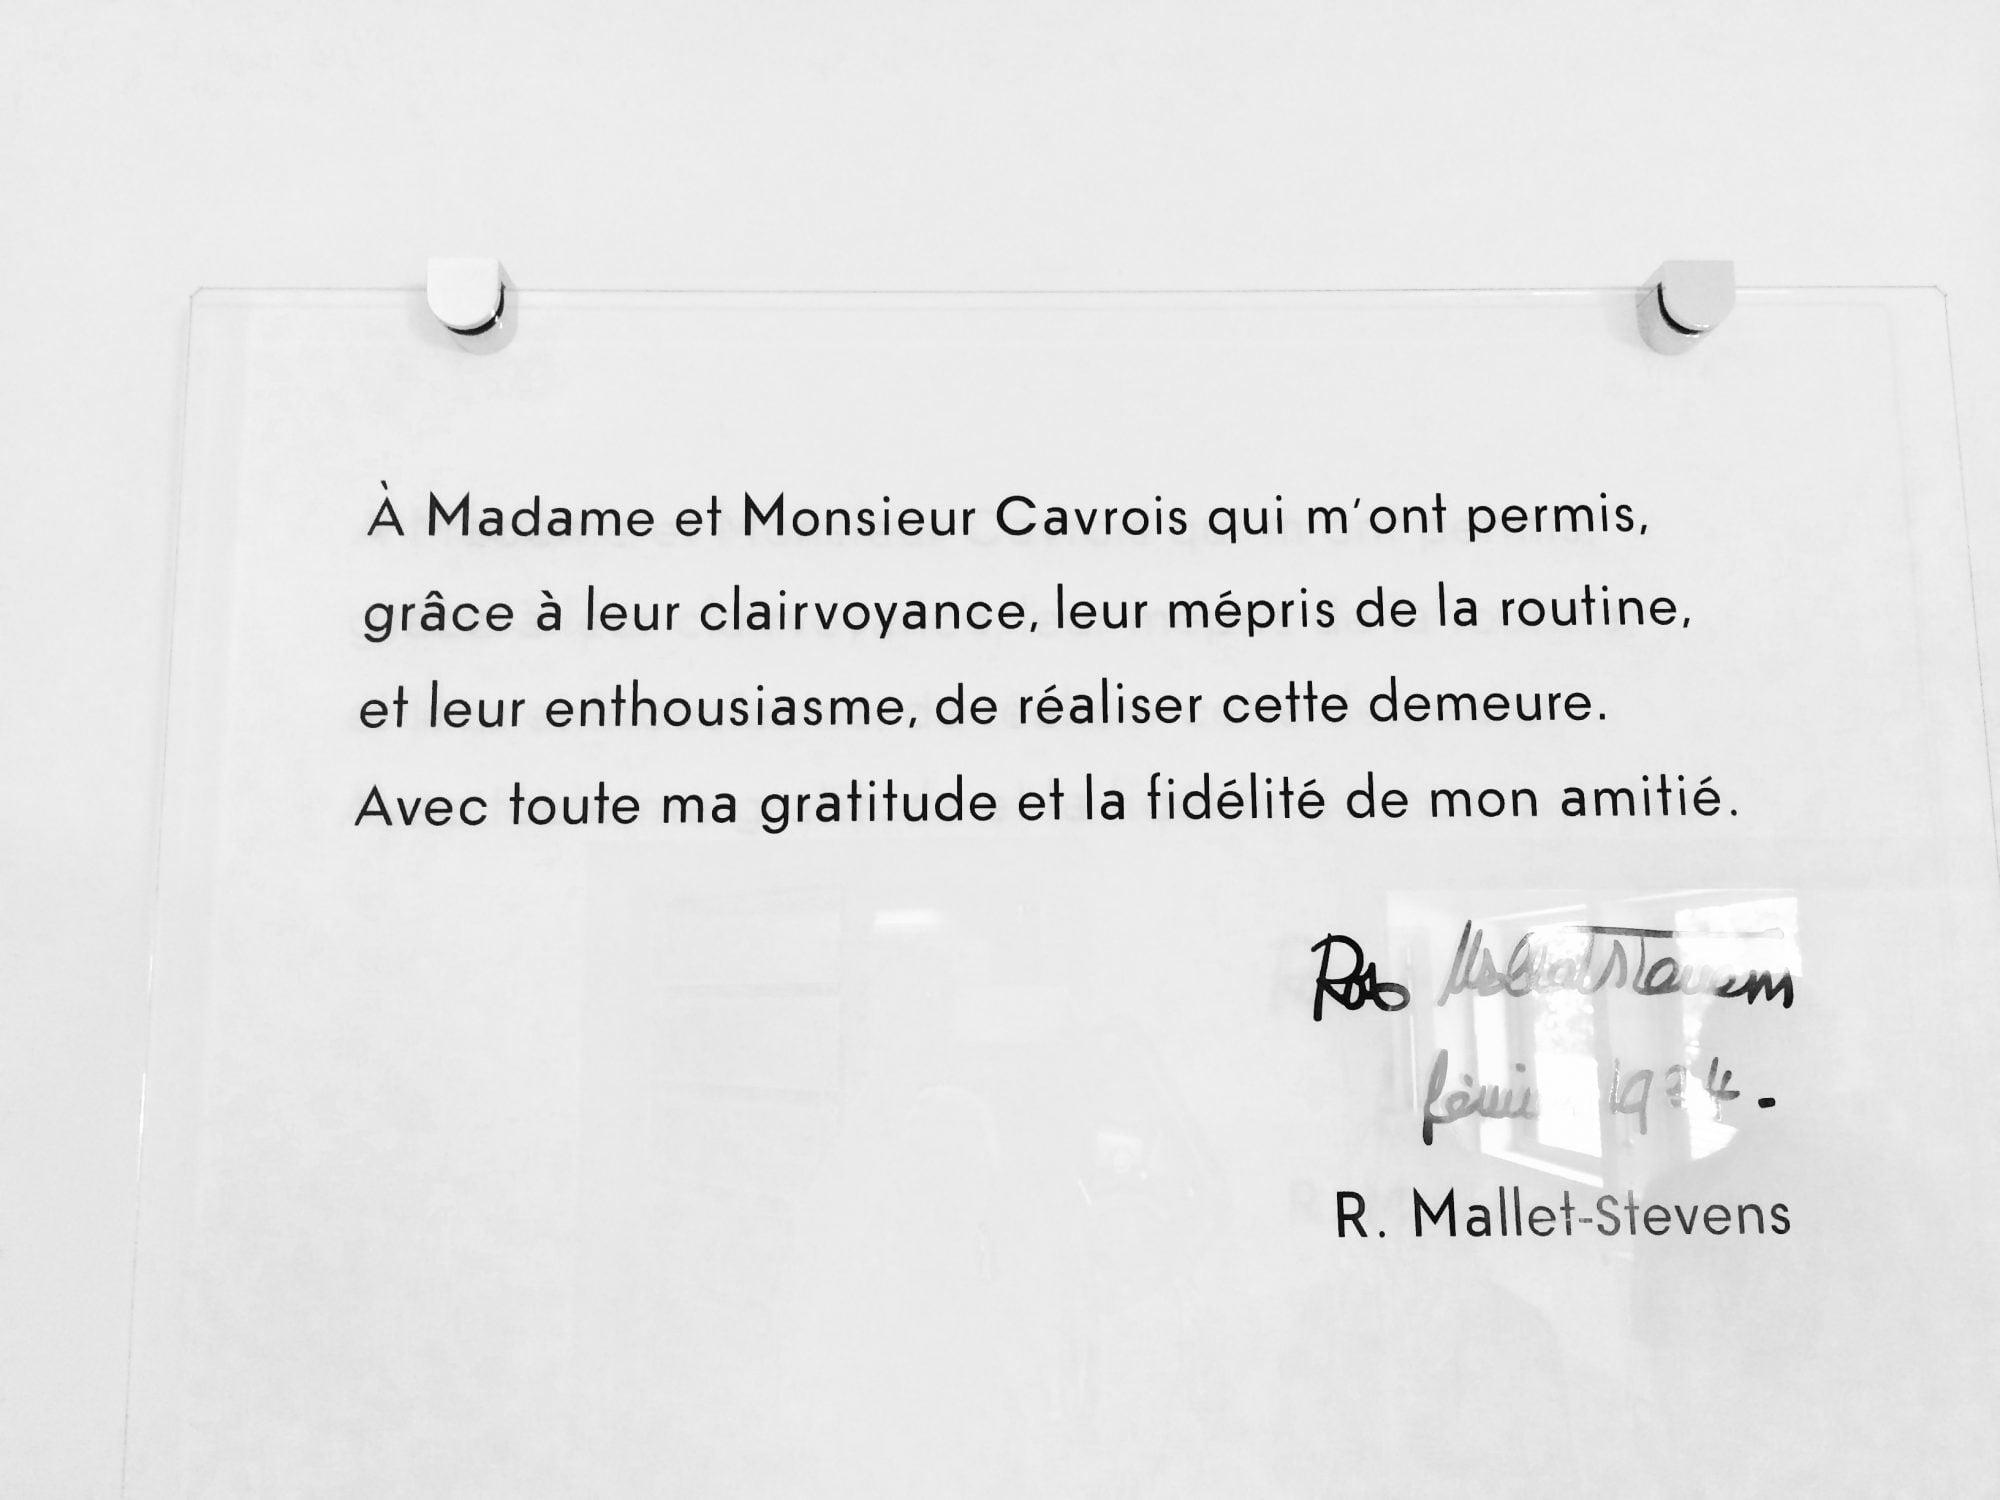 Villa Cavrois - Mallet-Stevens